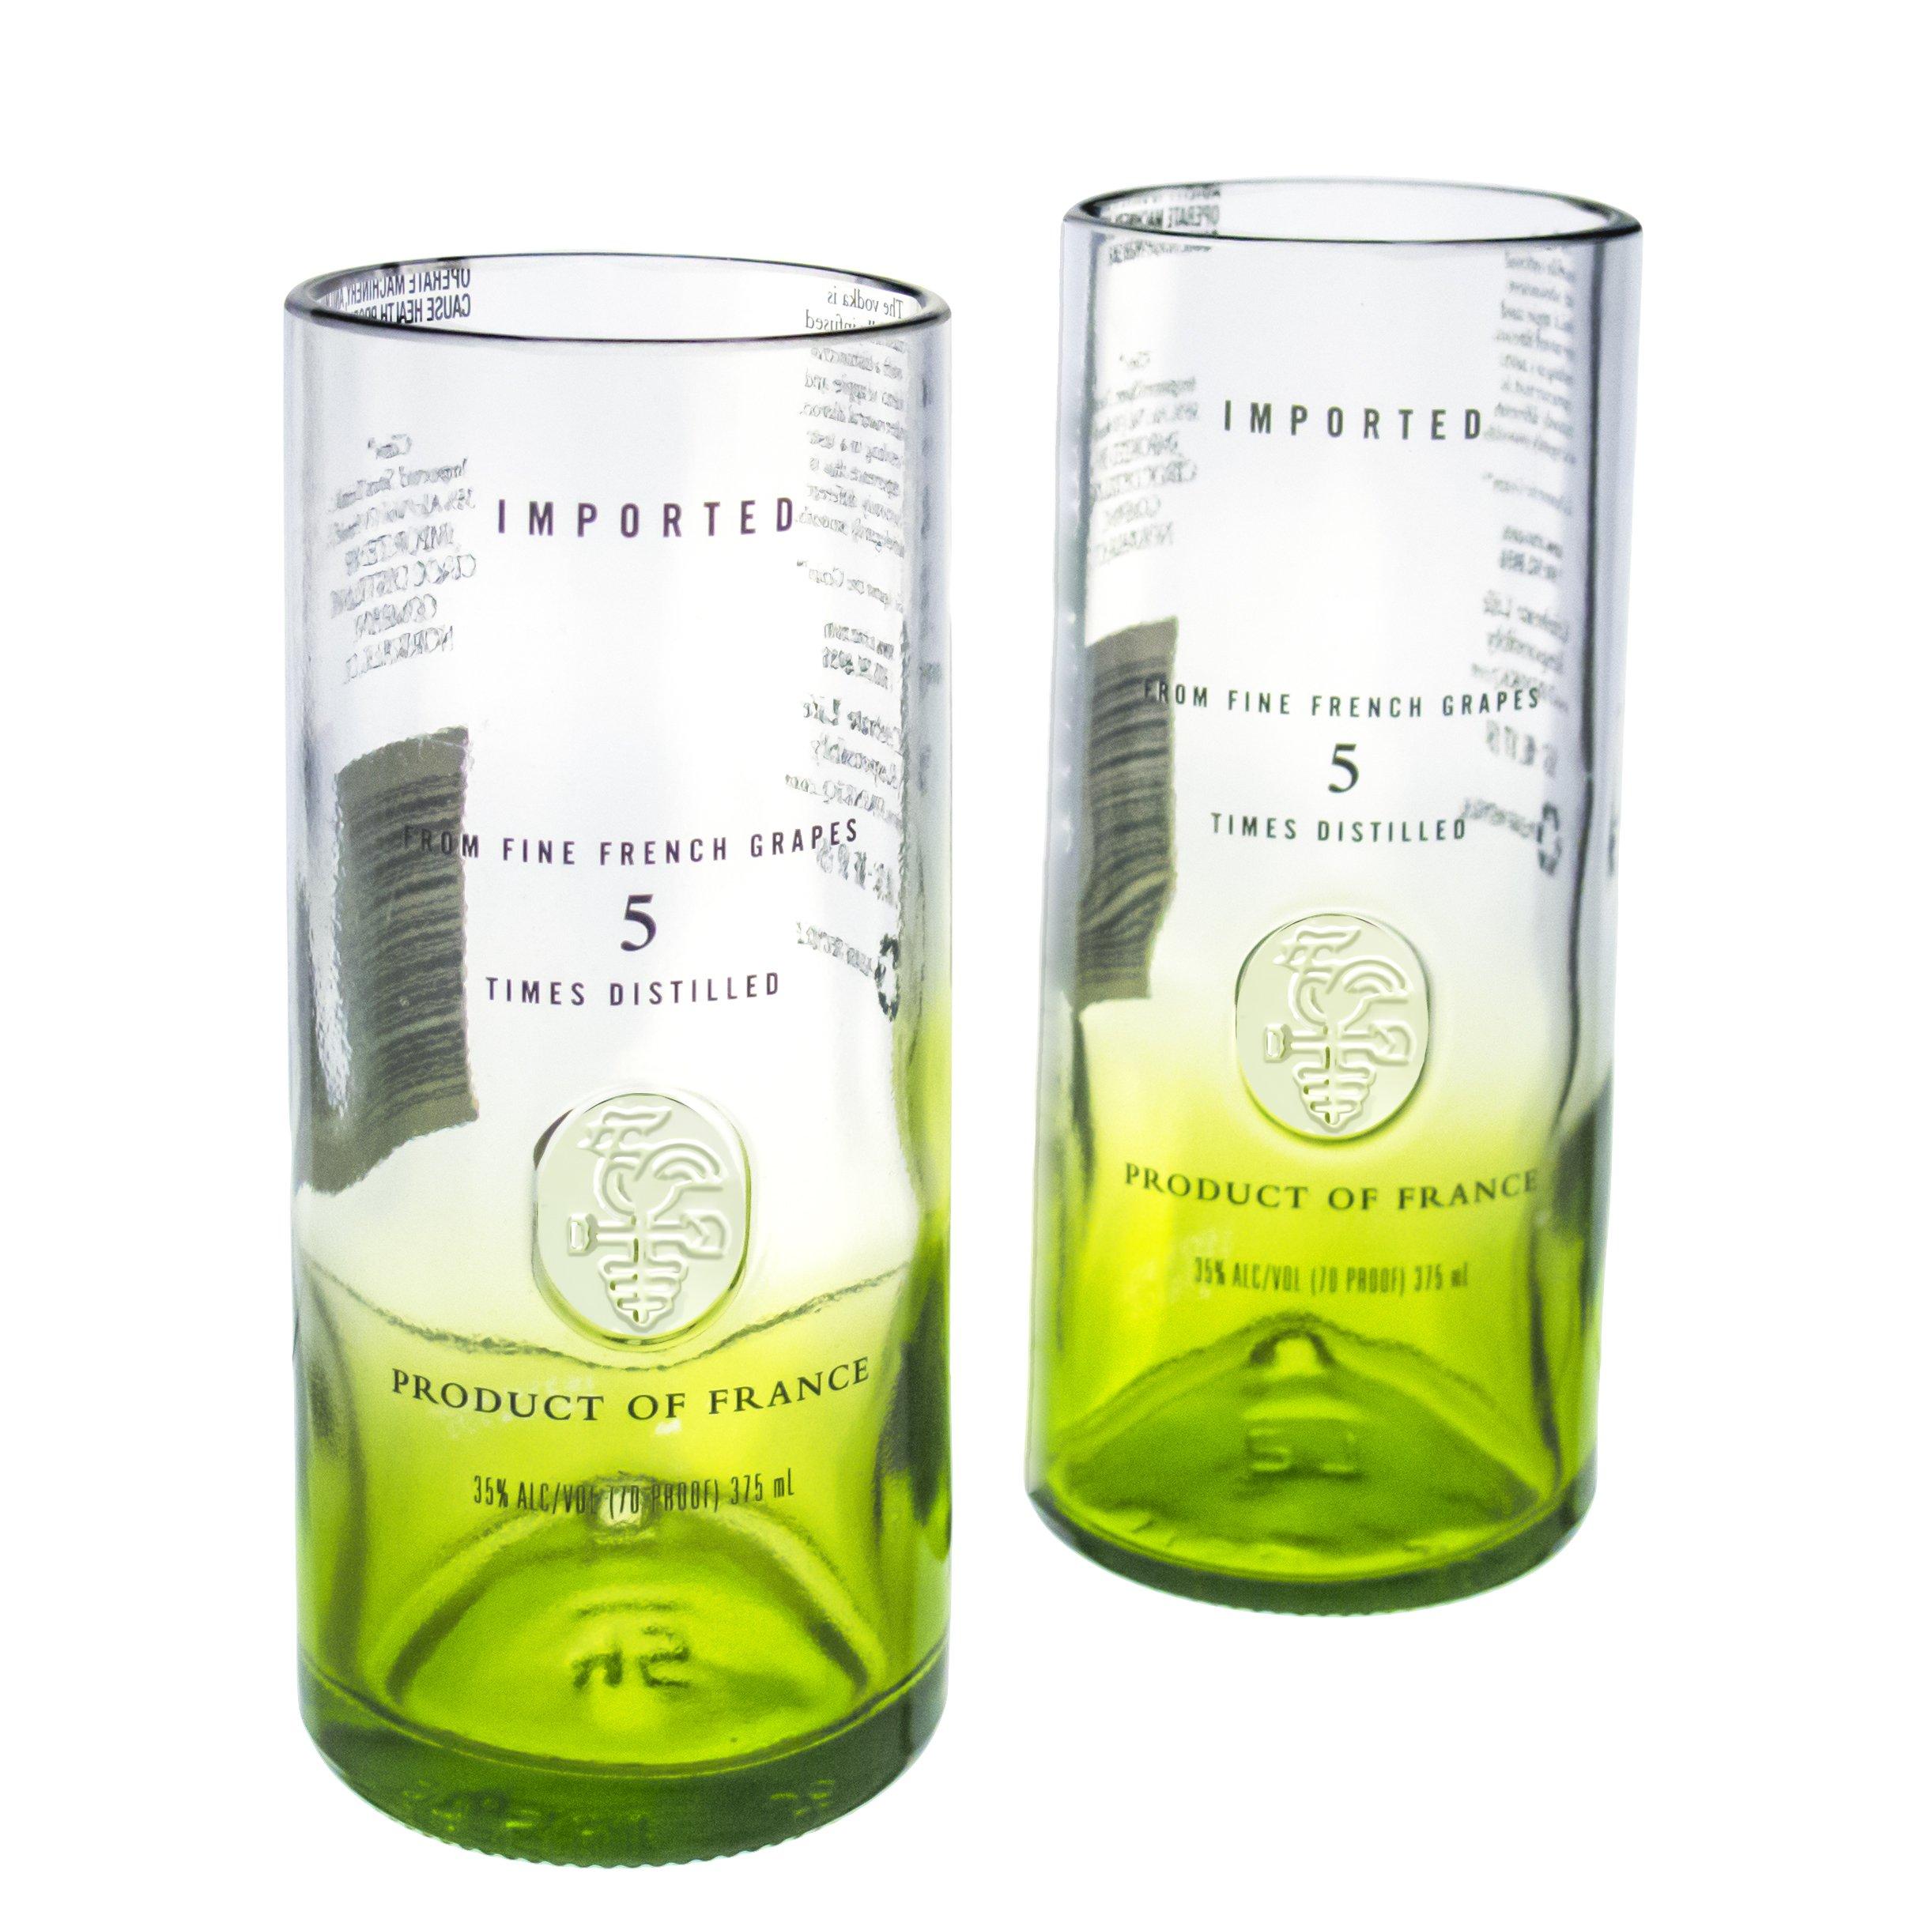 Ciroc Apple Vodka Reclaimed Bottles Glassware Barware Drinkware Highball Collins Glasses Gift Set